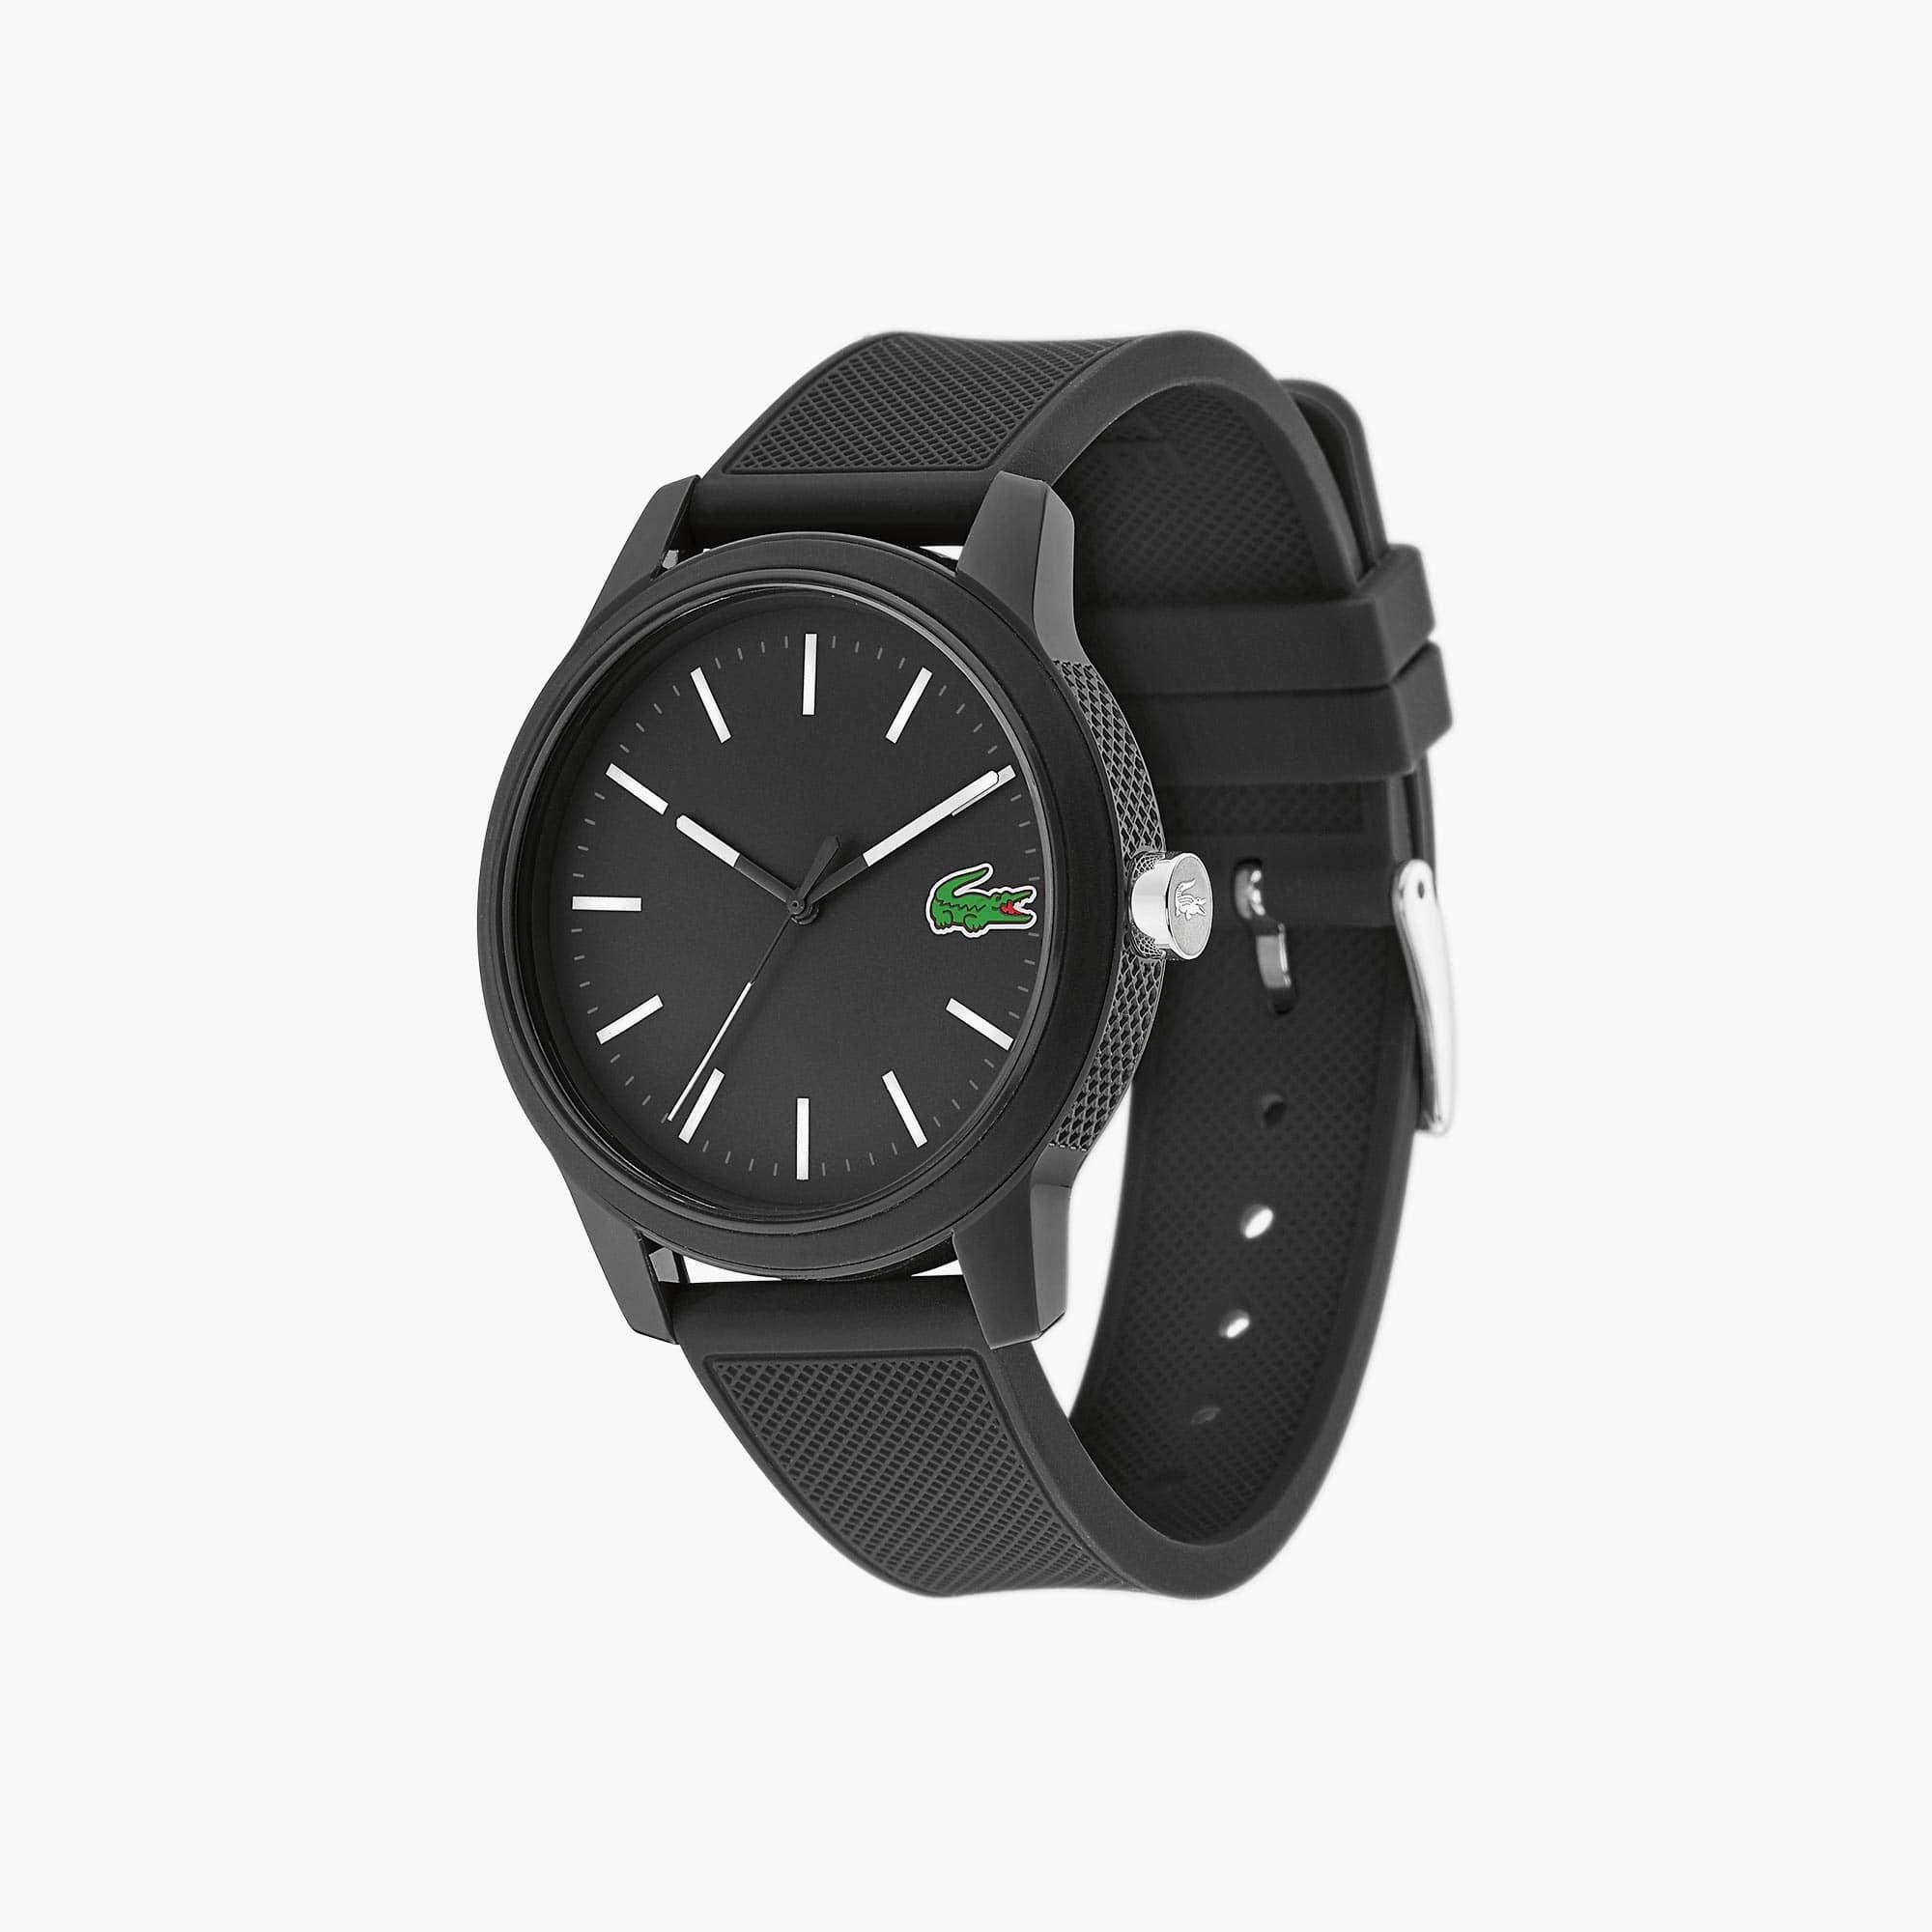 f66501dc62eff Relógio Lacoste 12.12 de homem com bracelete de silicone preta